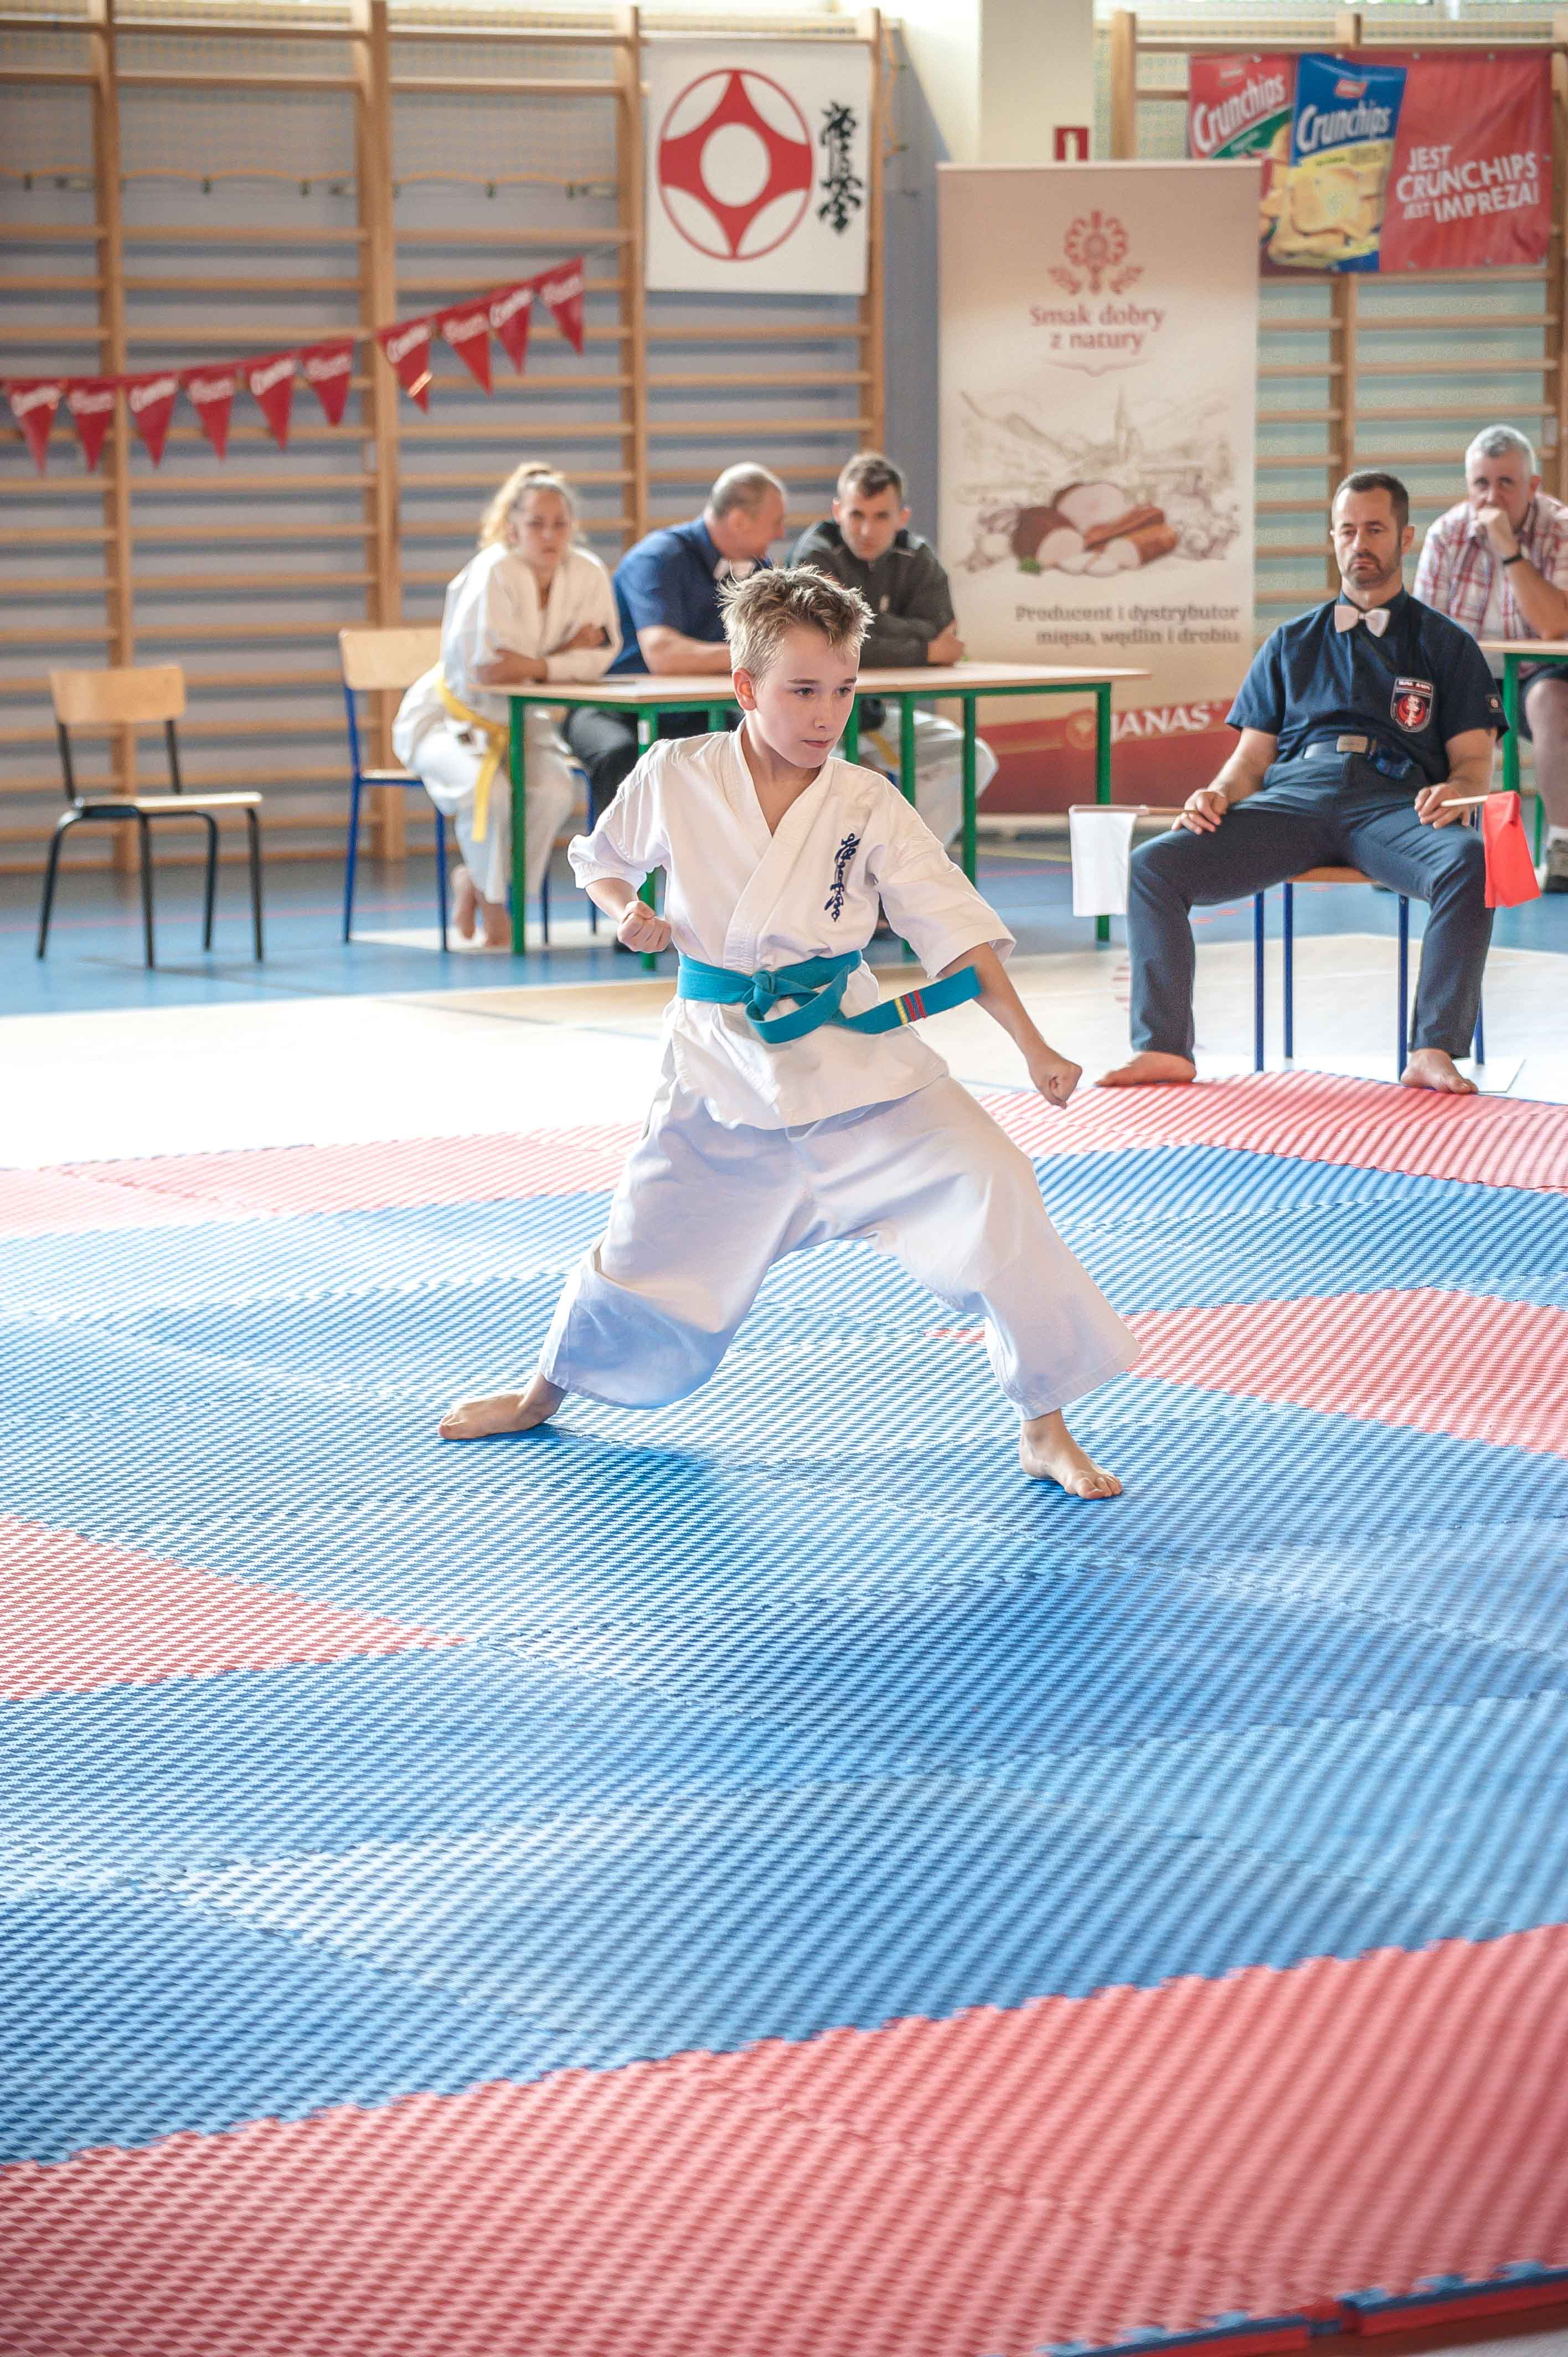 17 Turniej Karate Nowy Targ 2019_14.JPG